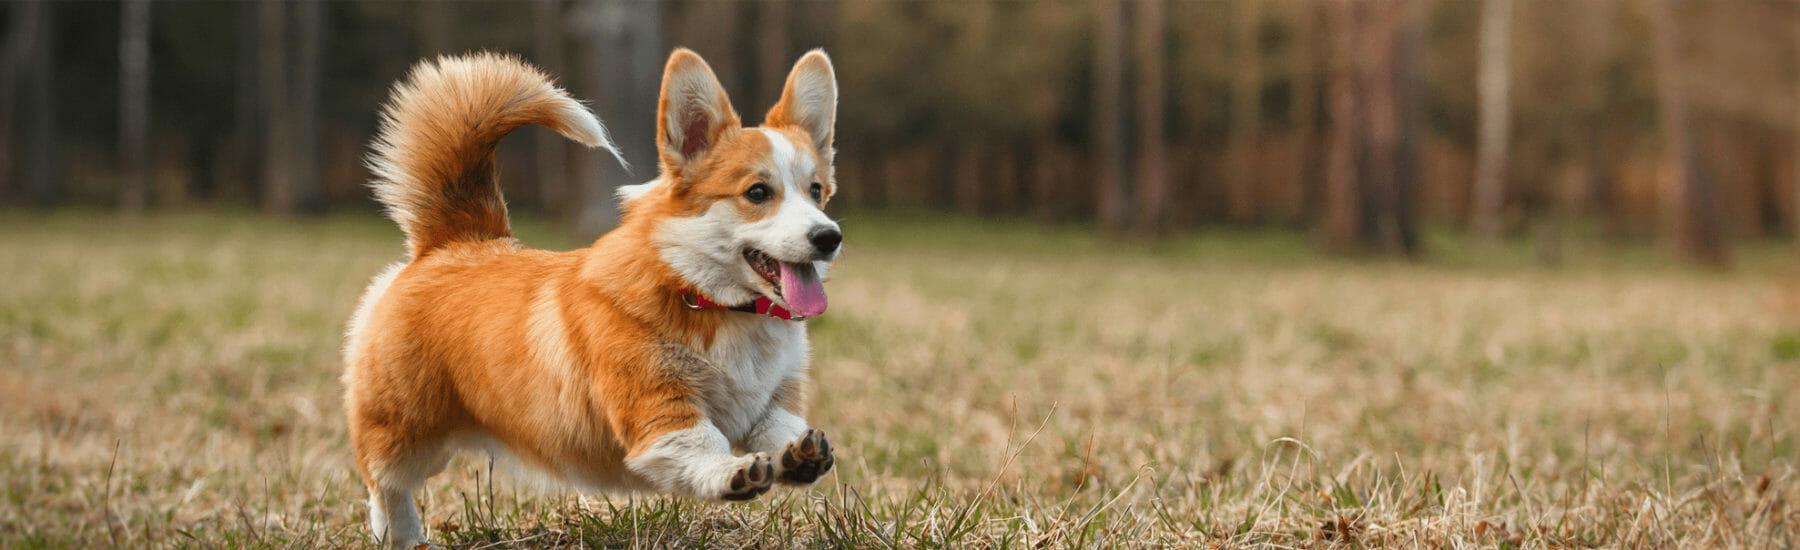 Orange dog jumping through air